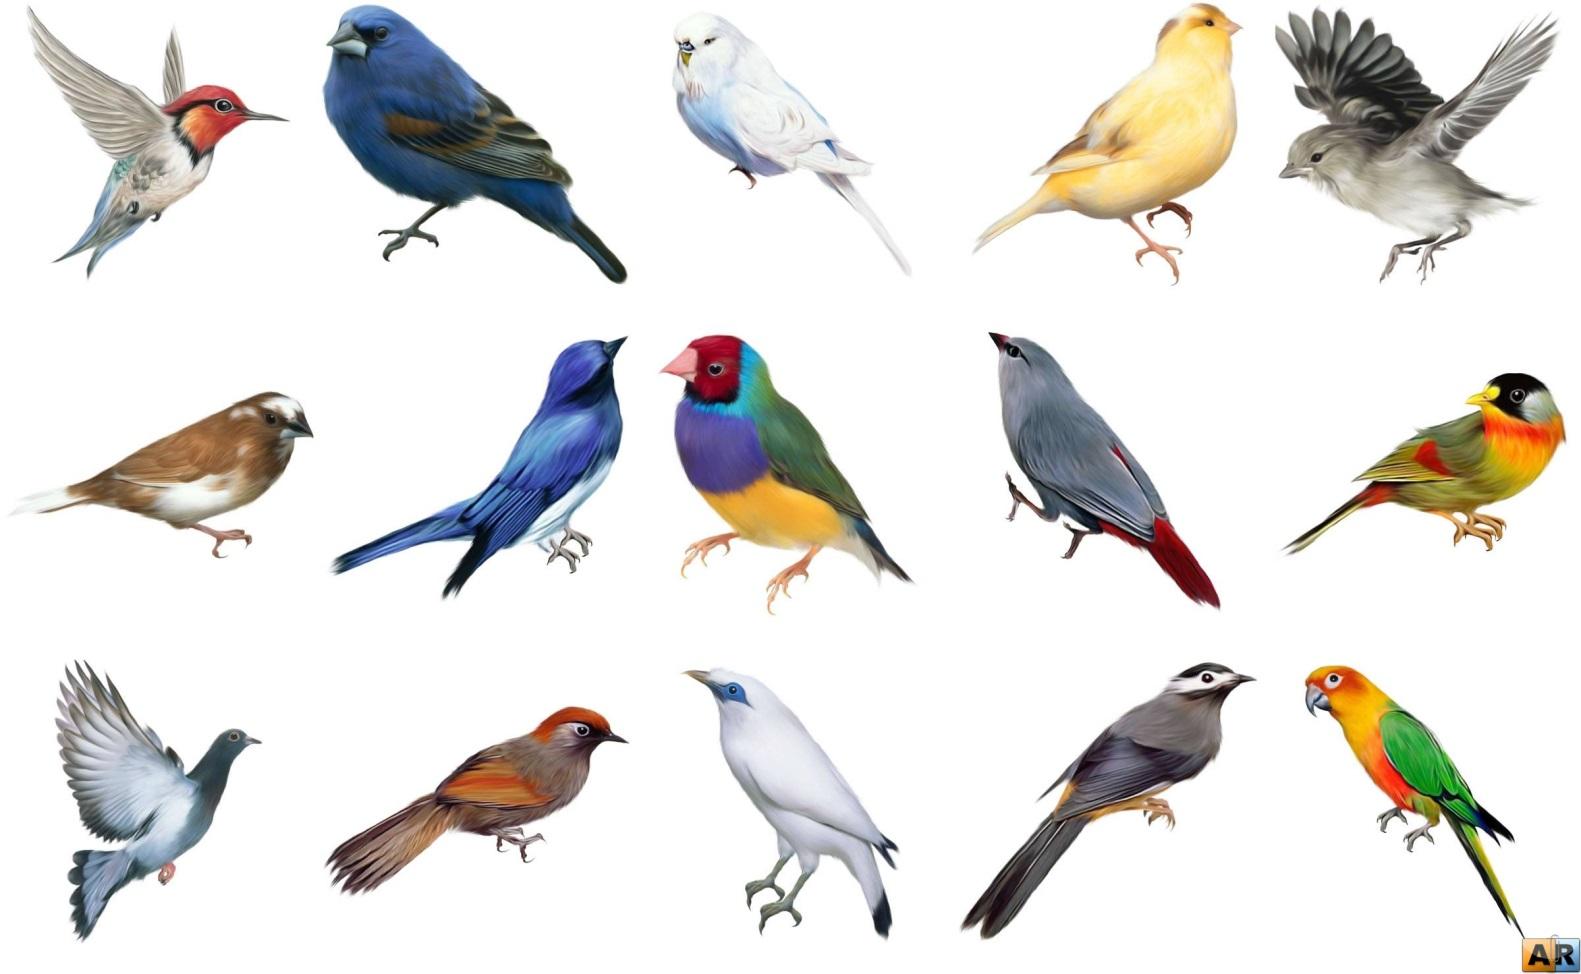 мраморной птицы на белом фоне картинки с названием широкоформатные бесплатные